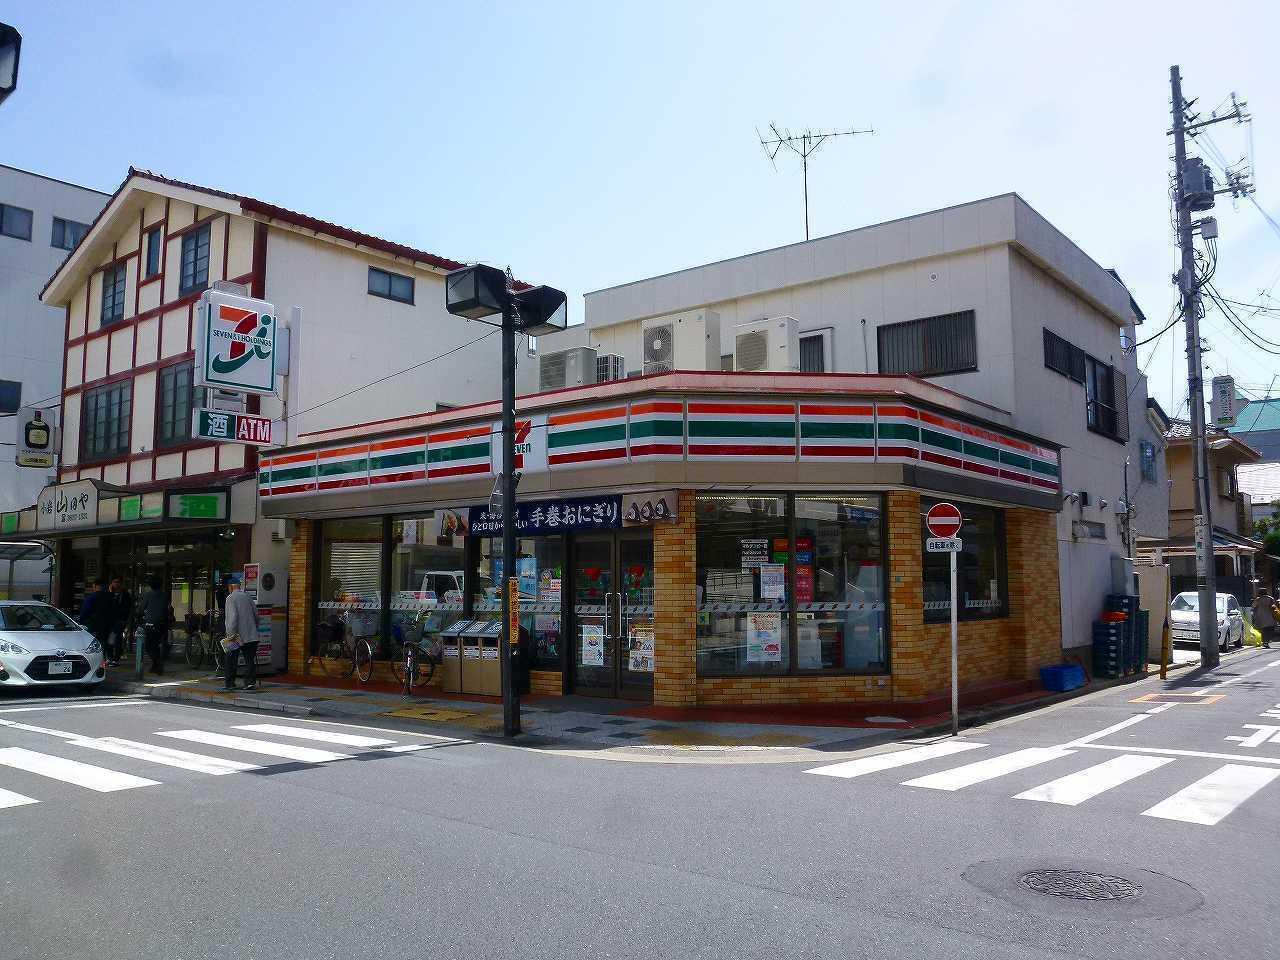 【コンビニ】東小岩5丁目のセブンイレブン